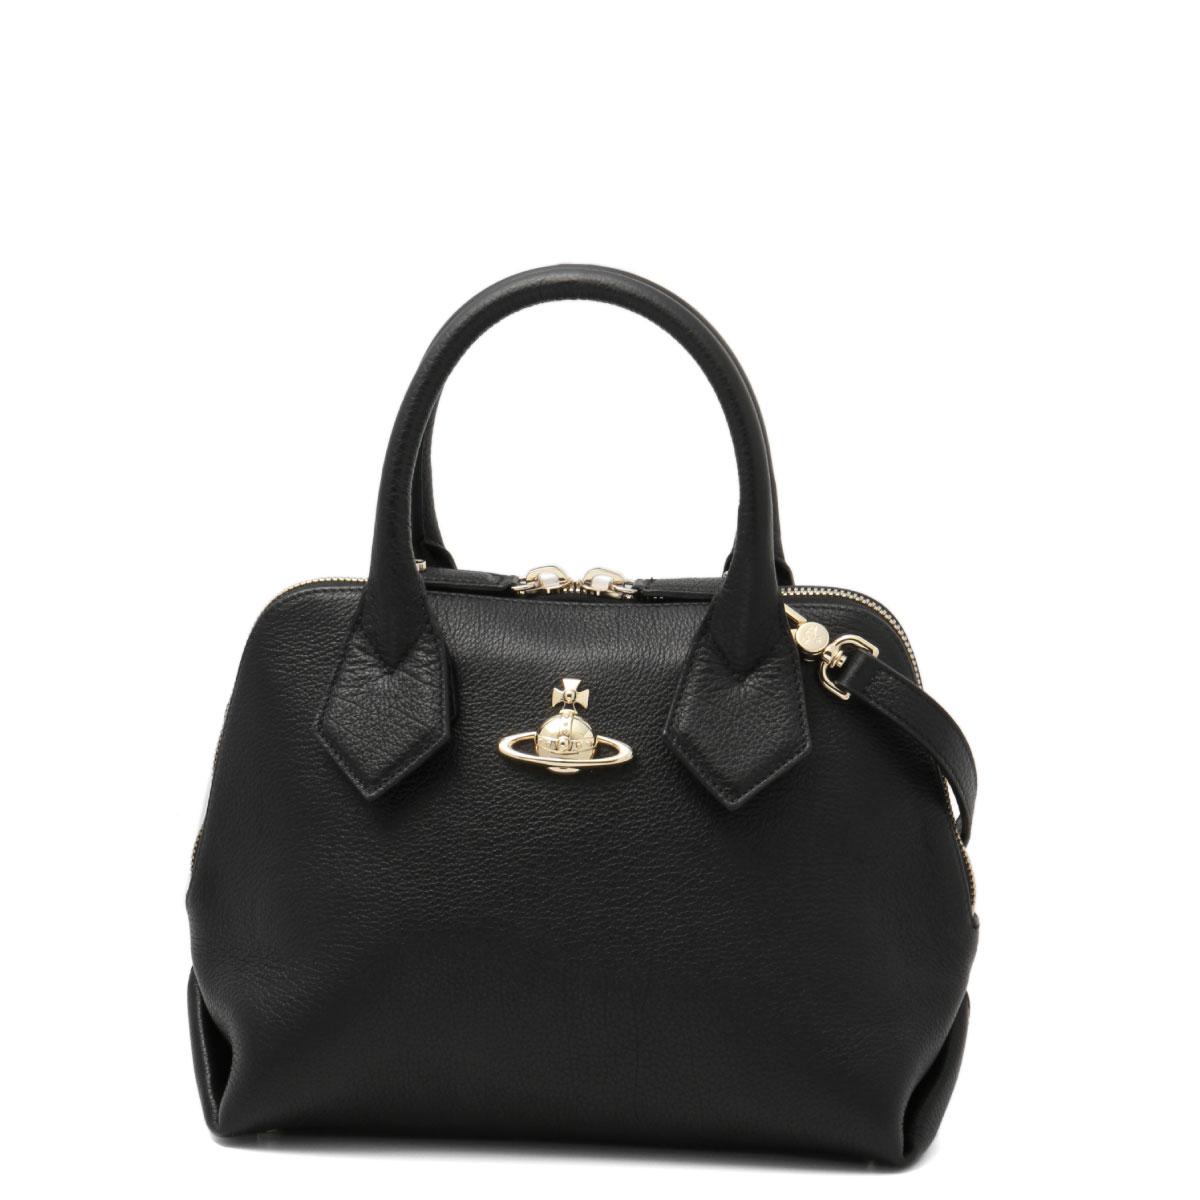 42010026 Vivien Waist Wood Vivienne Westwood Bag Lady 40212 N402 Shoulders Handbag Small Balm Black Belonging To